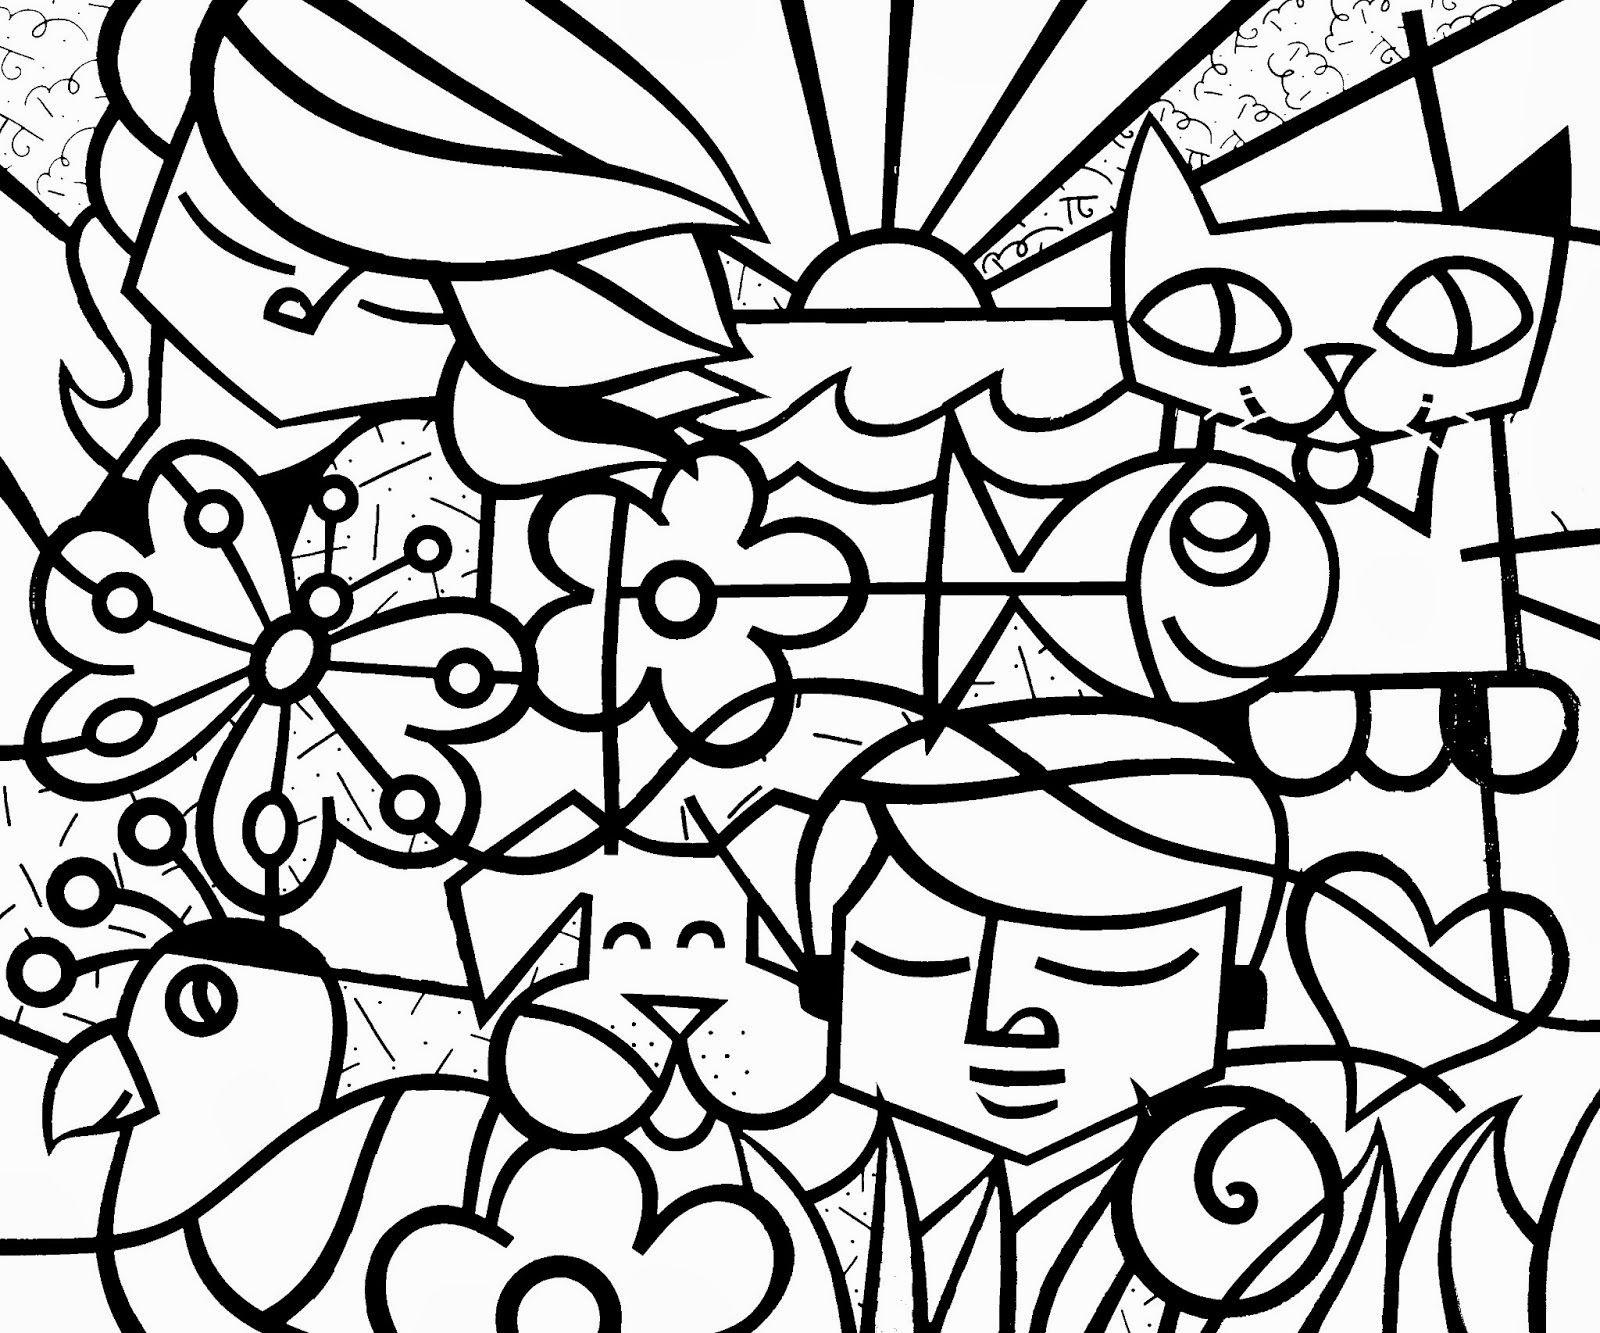 Desenhos Para Colorir E Imprimir Desenhos De Romero Brito Para Colorir Obras De Romero Britto Romero Britto Desenhos Do Romero Britto